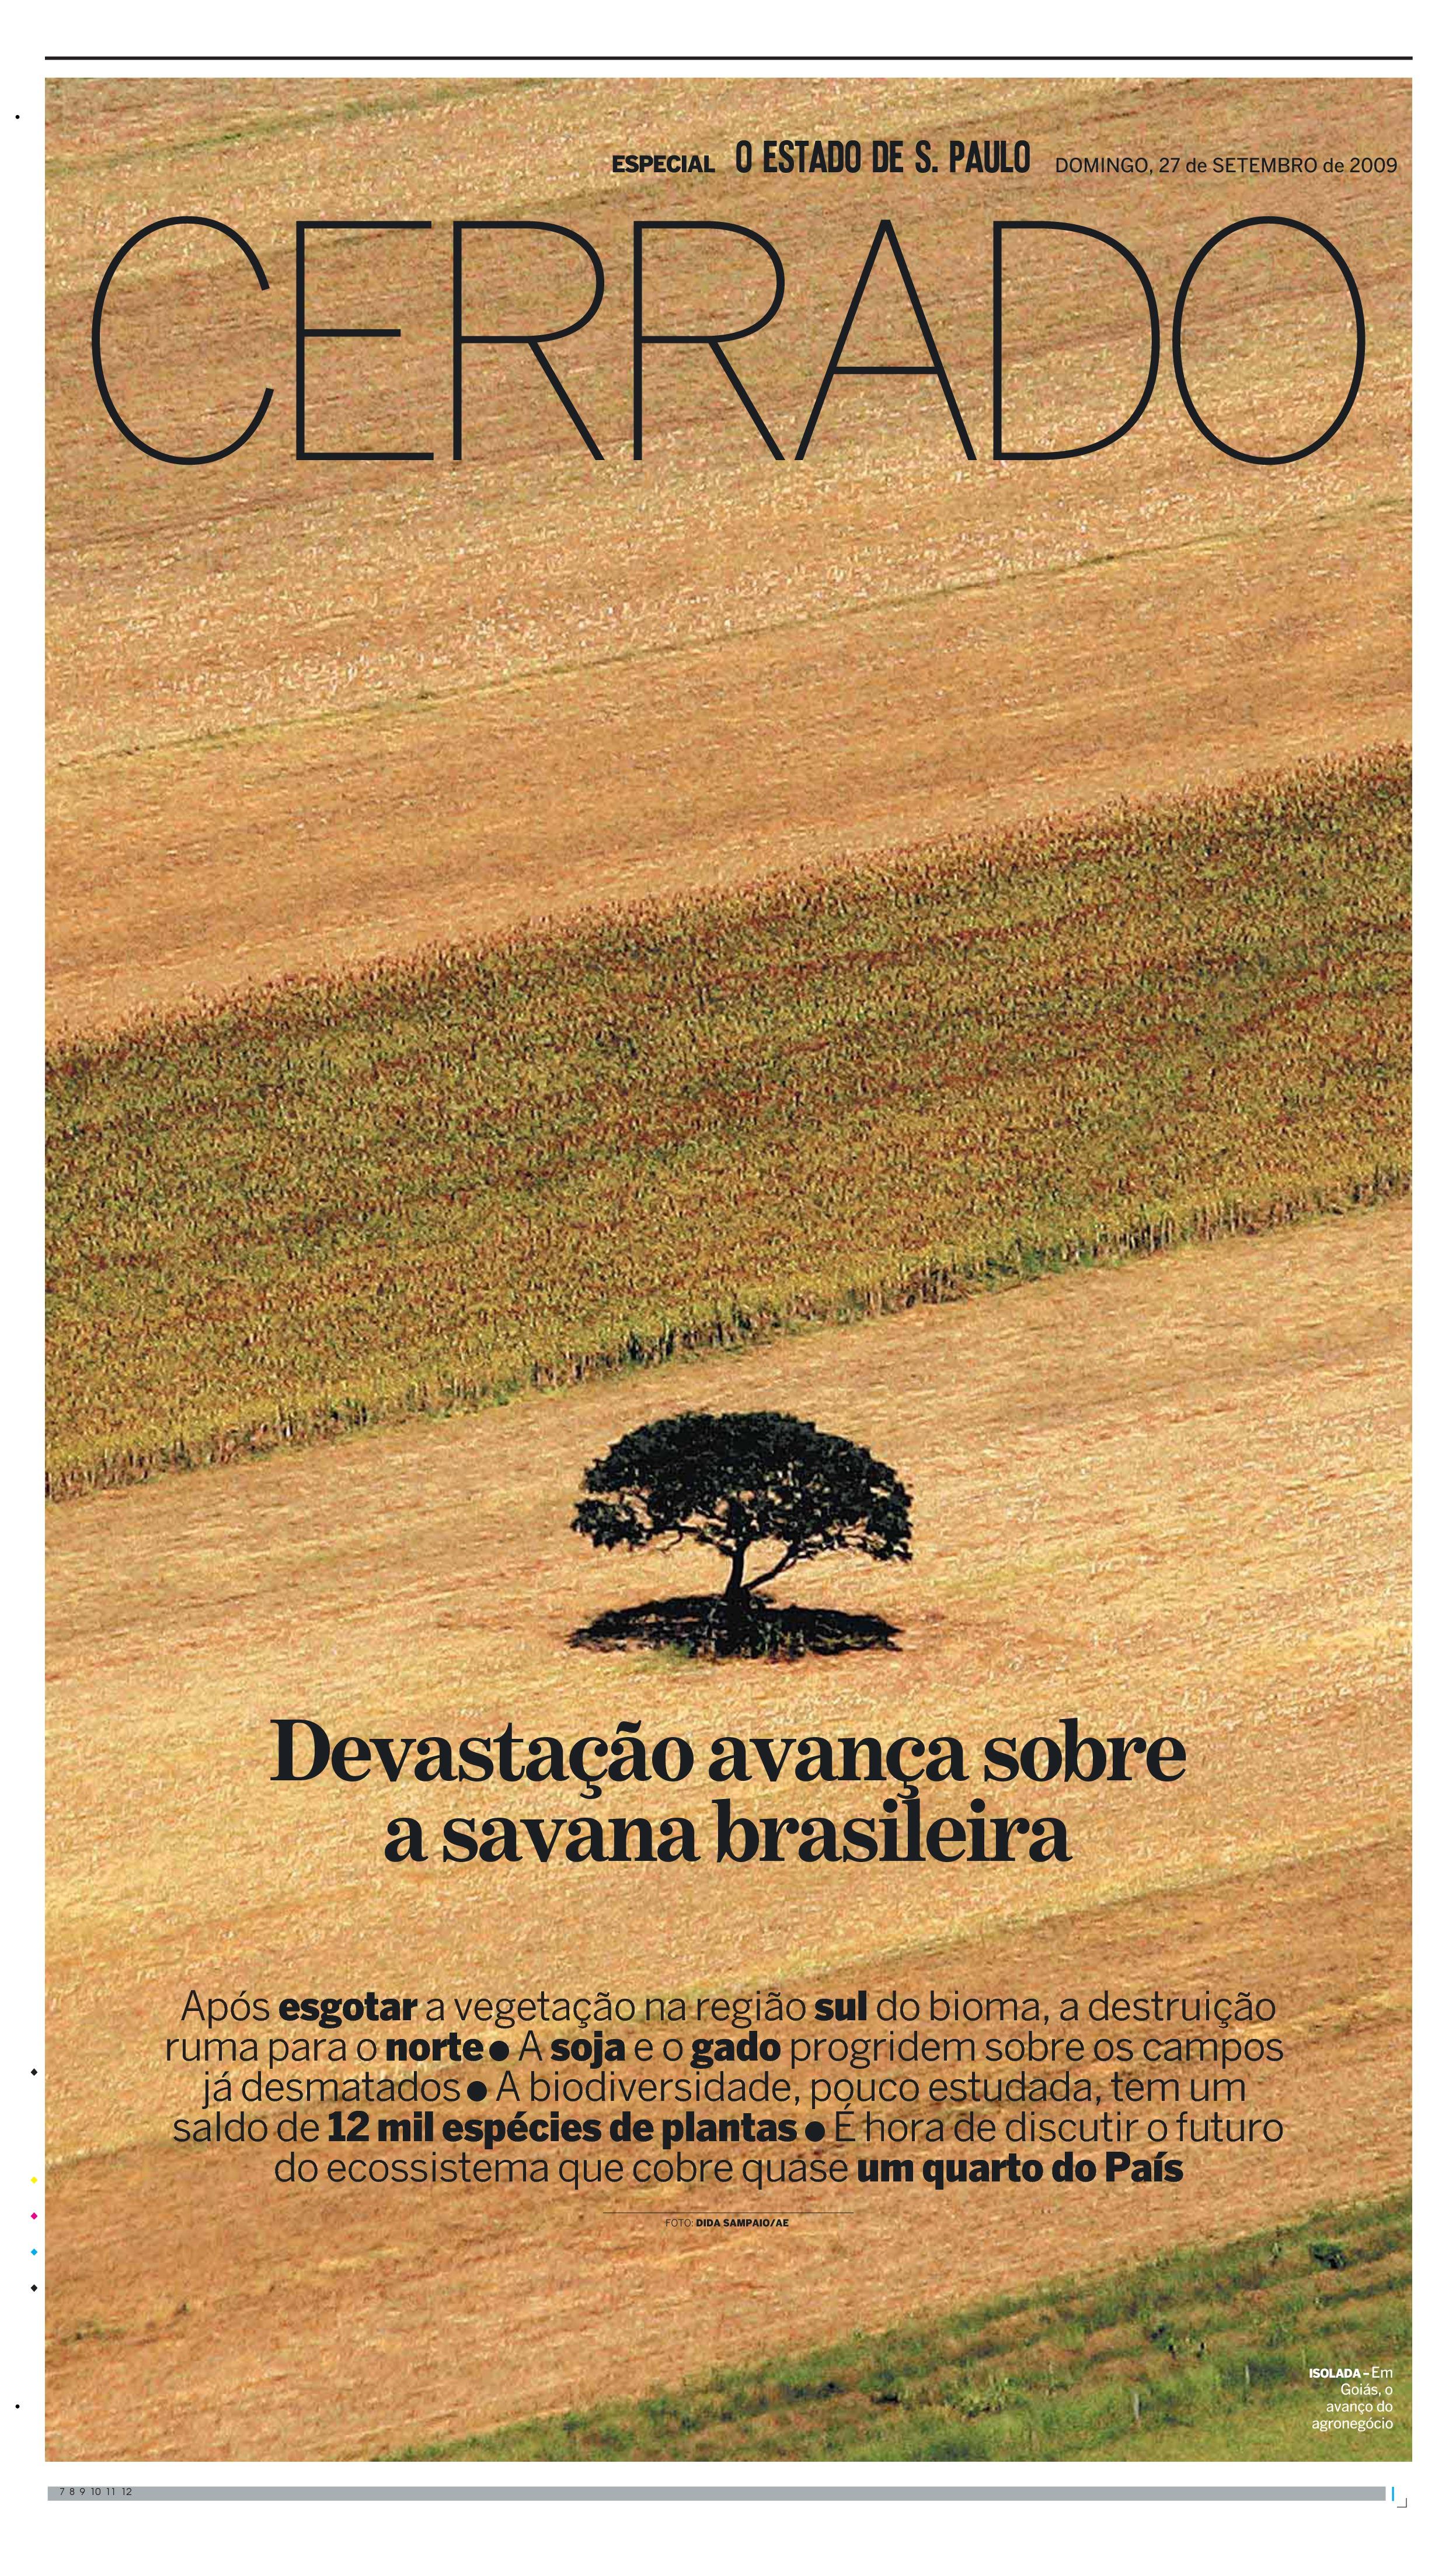 Caderno Especial: Cerrado - Devastação avança sobre a savana brasileira